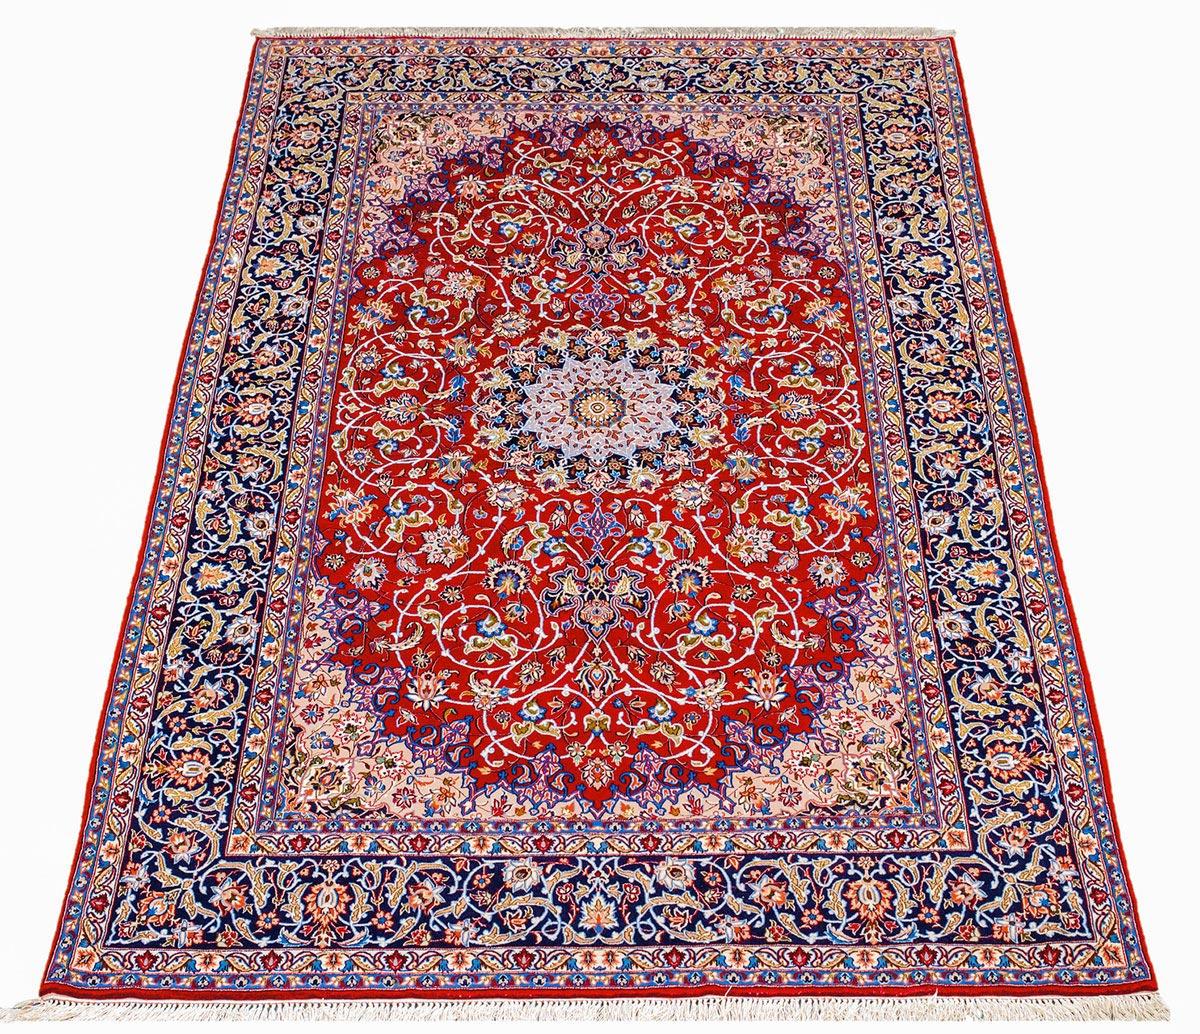 Limpieza de alfombras y tapices en tintoreria y pieles laura - Limpiador de alfombras ...